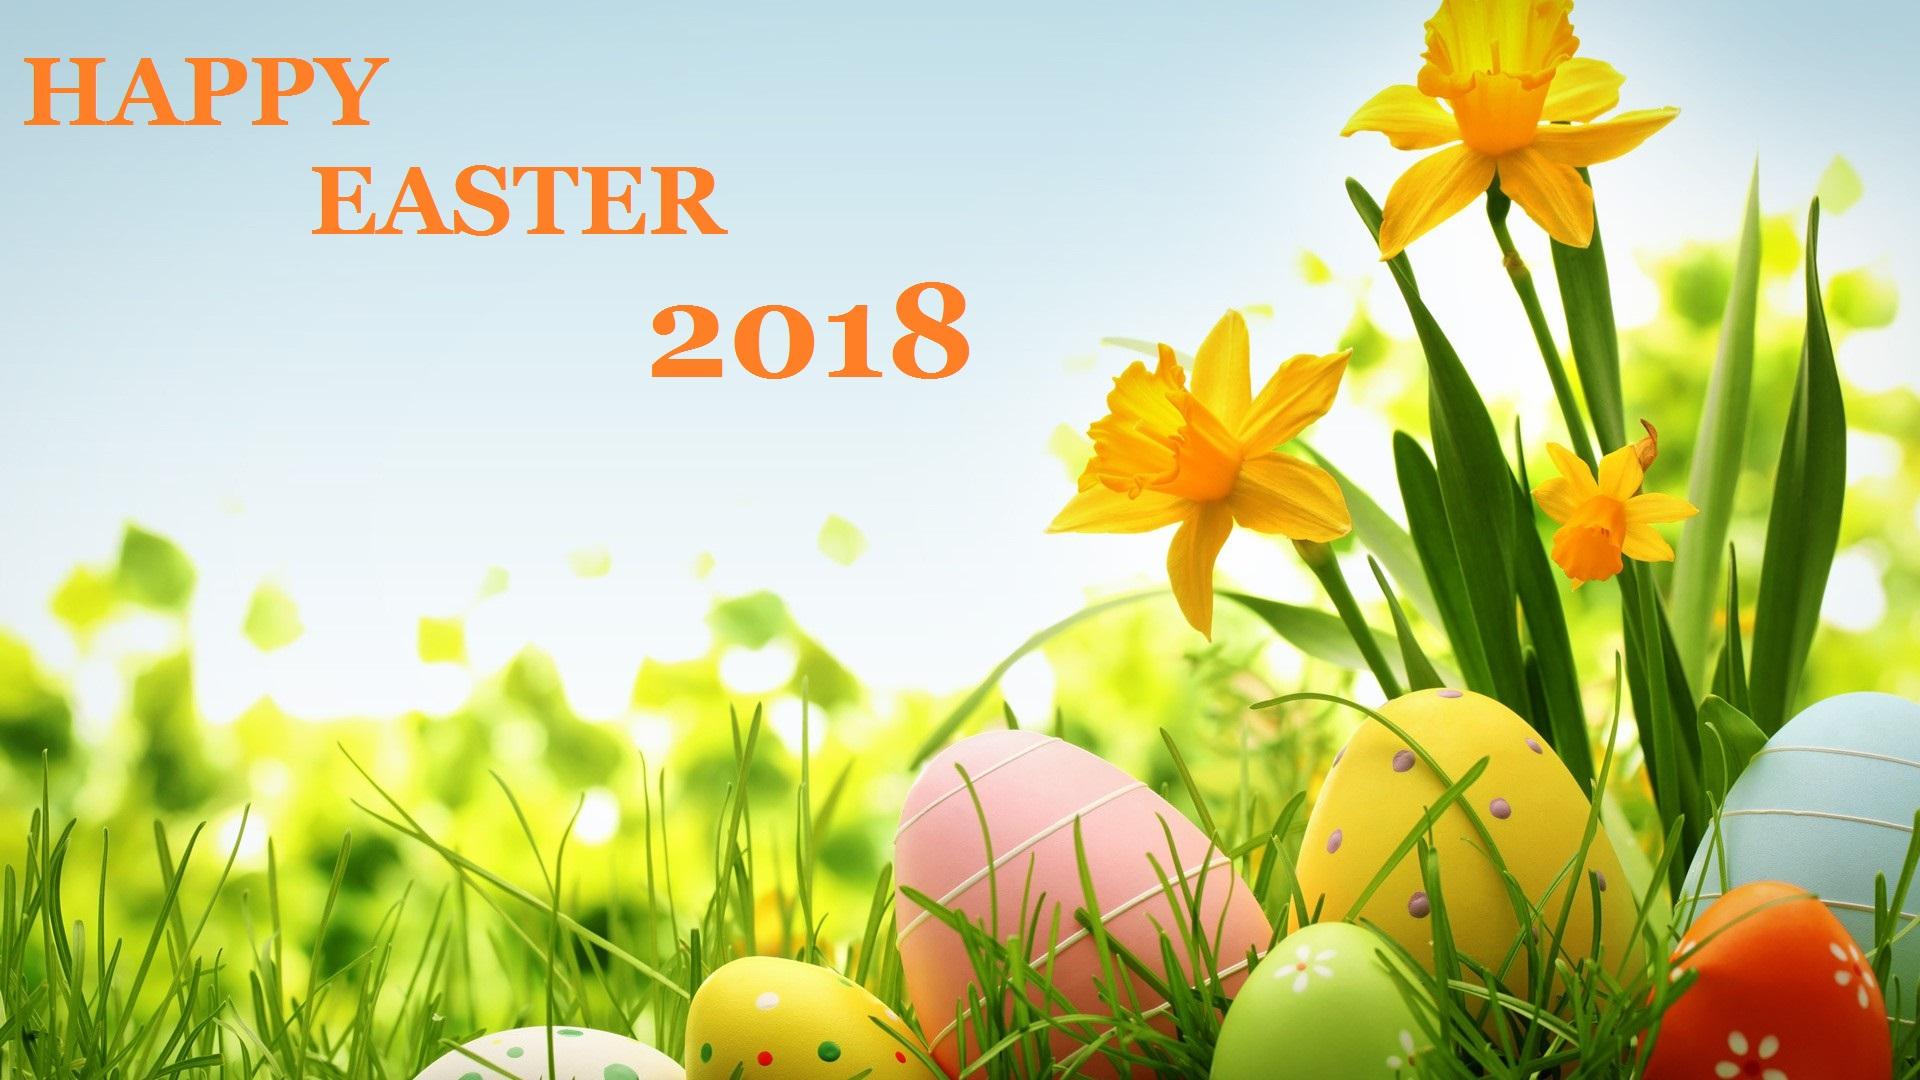 Easter Wallpaper Easter 2018 1920x1080